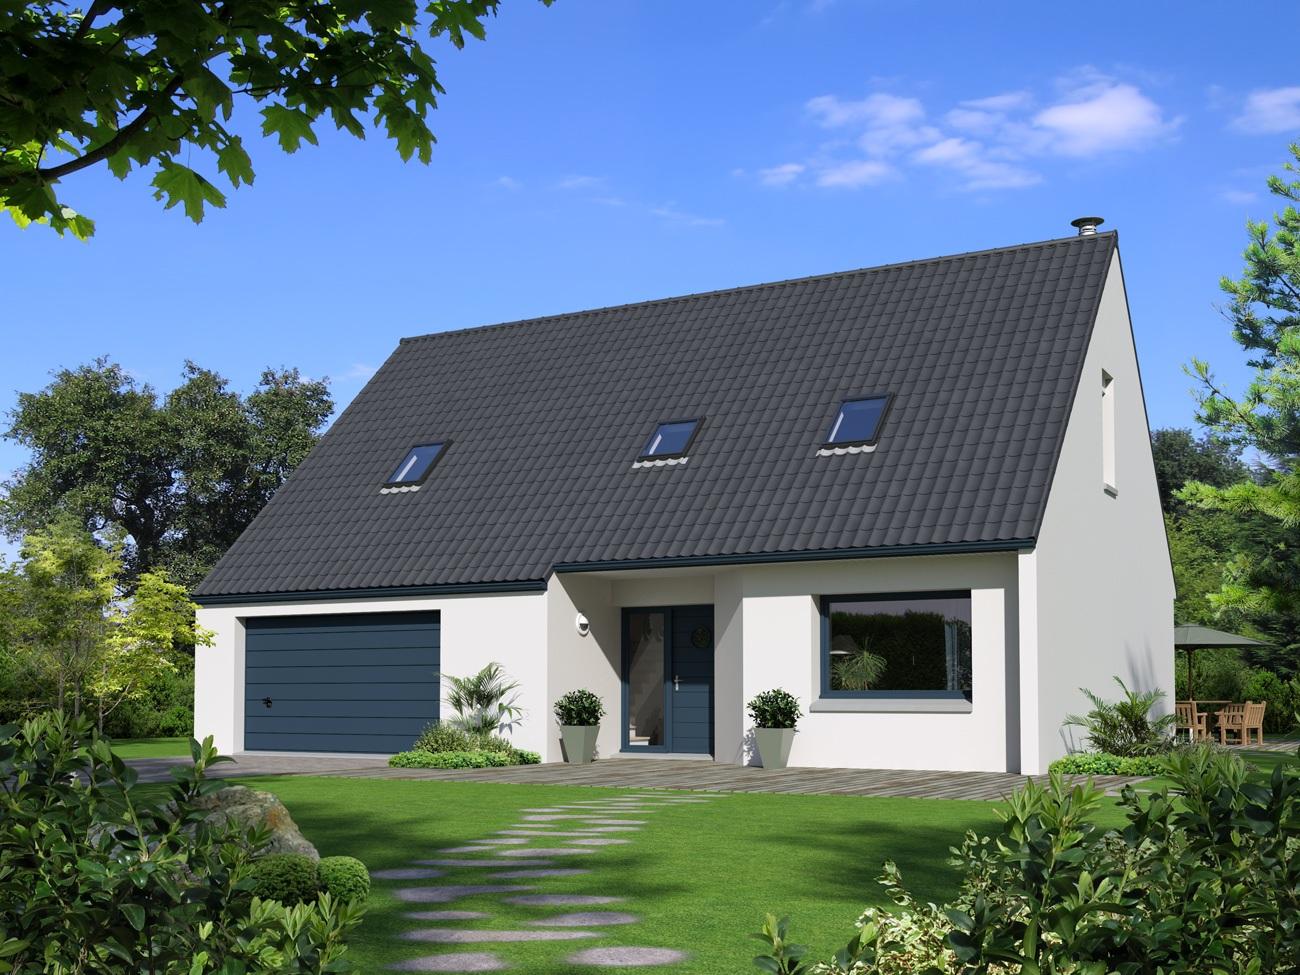 Maisons + Terrains du constructeur MAISON FAMILIALE • 107 m² • EVIN MALMAISON